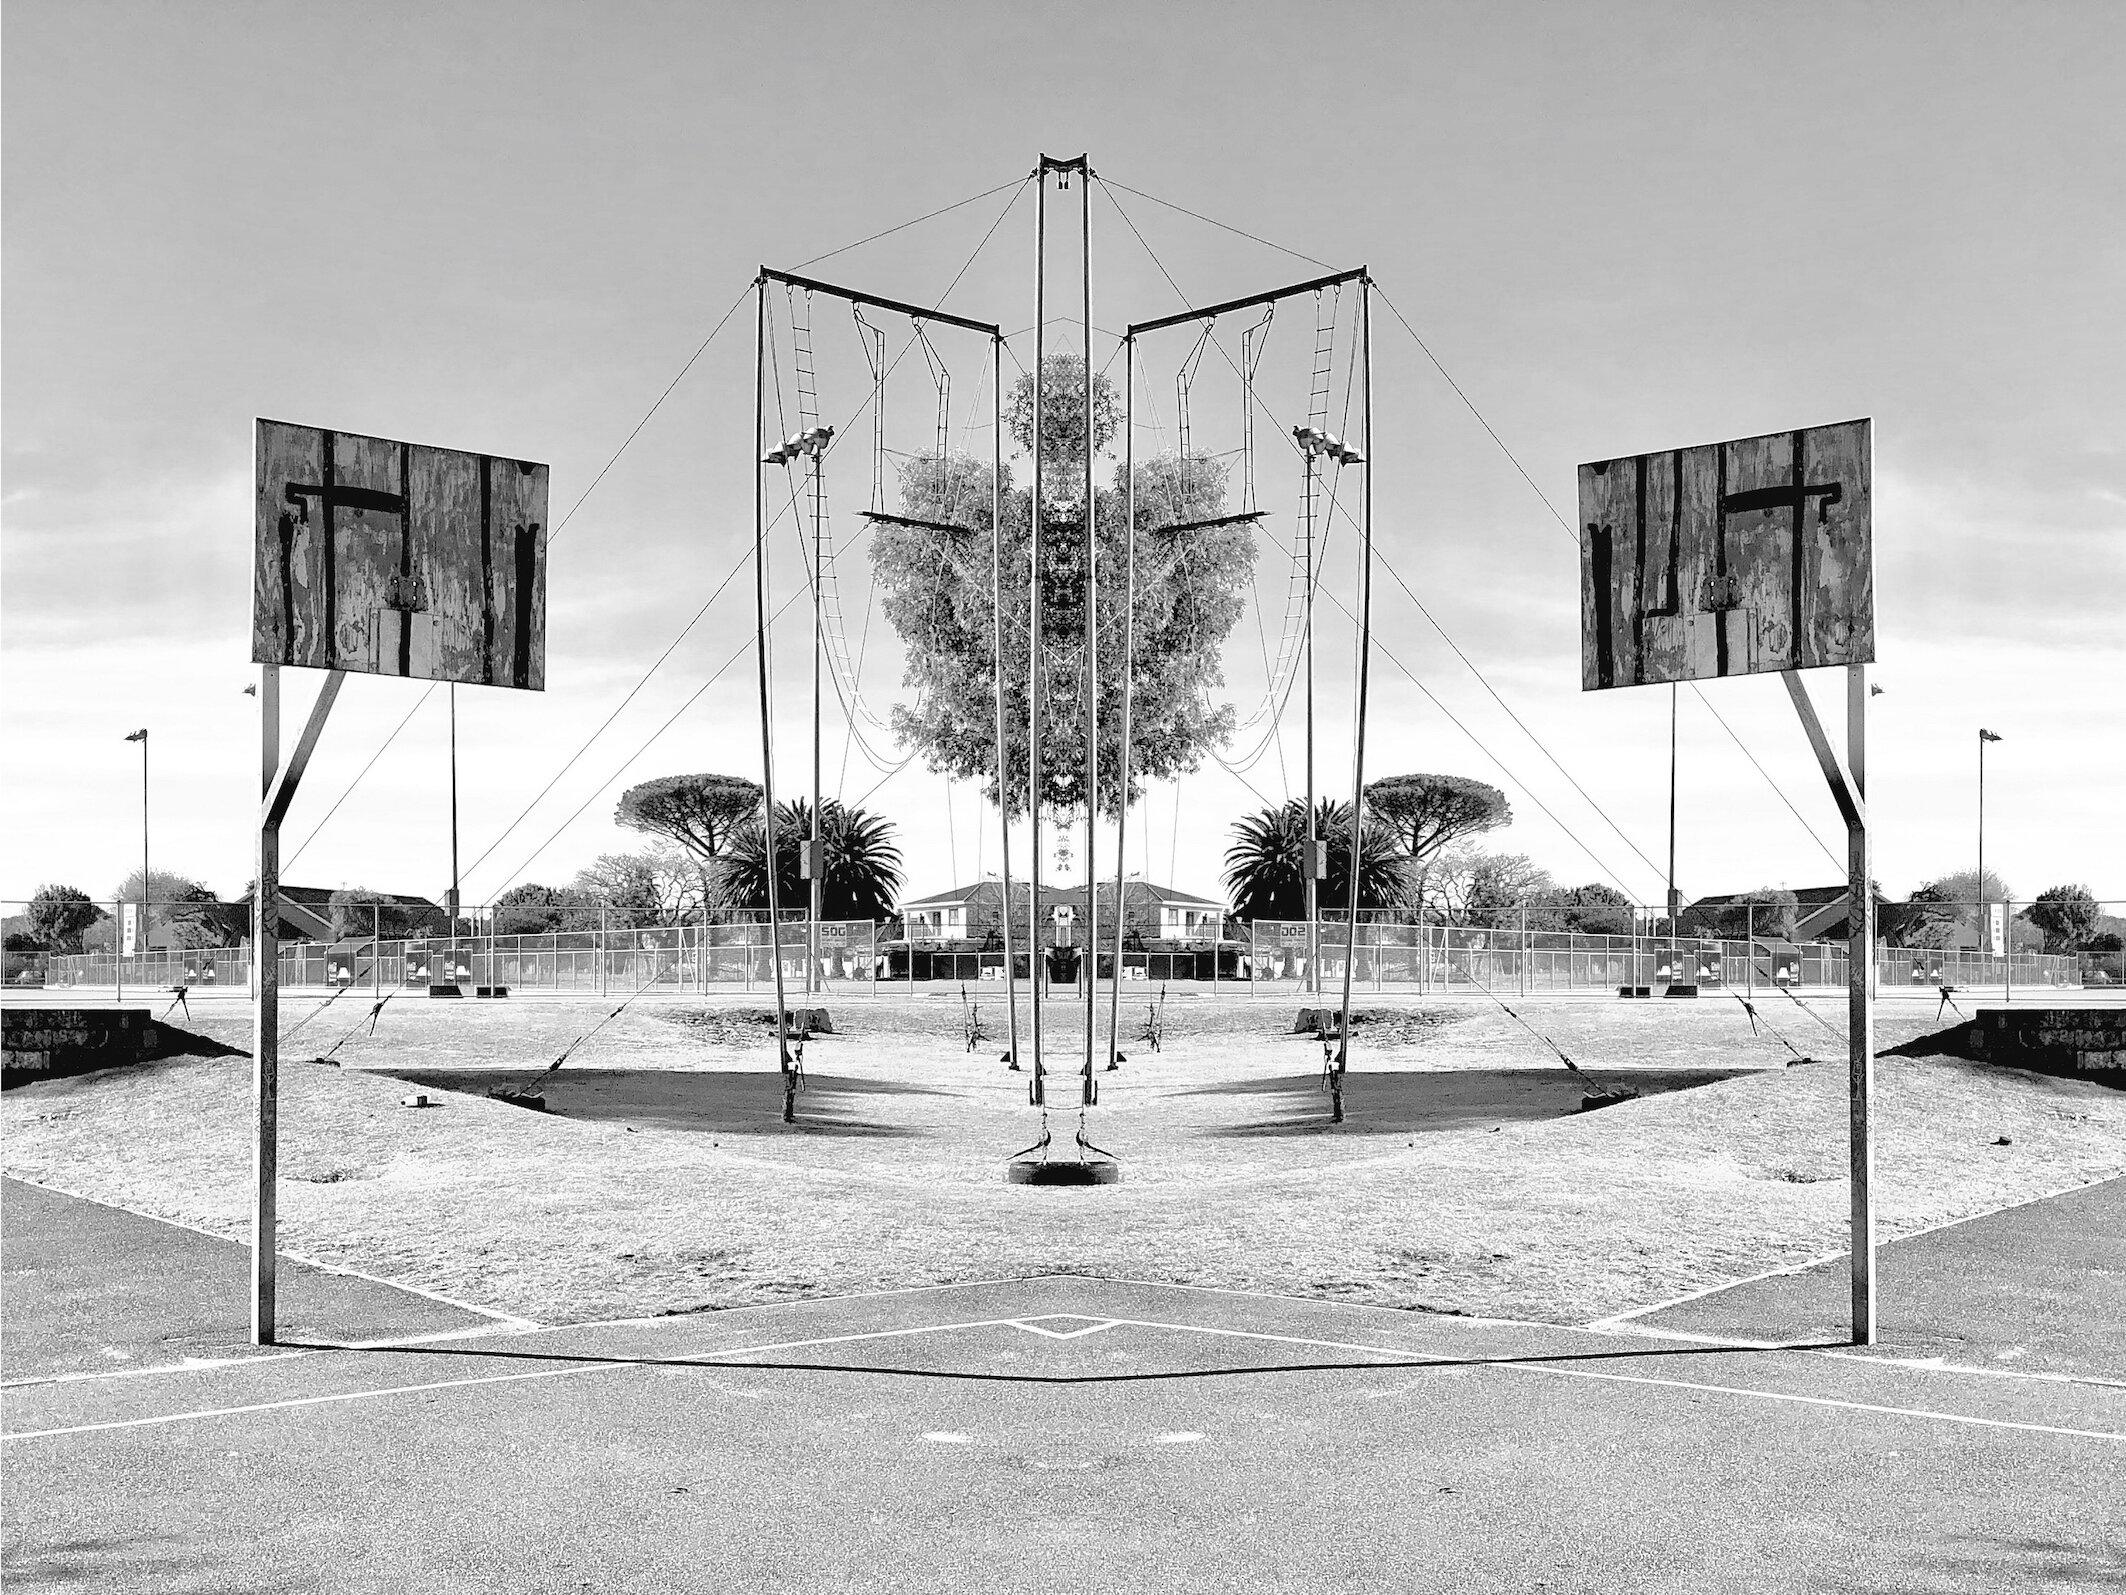 Playground, Rondebosch, 2019  © Alastair Whitton